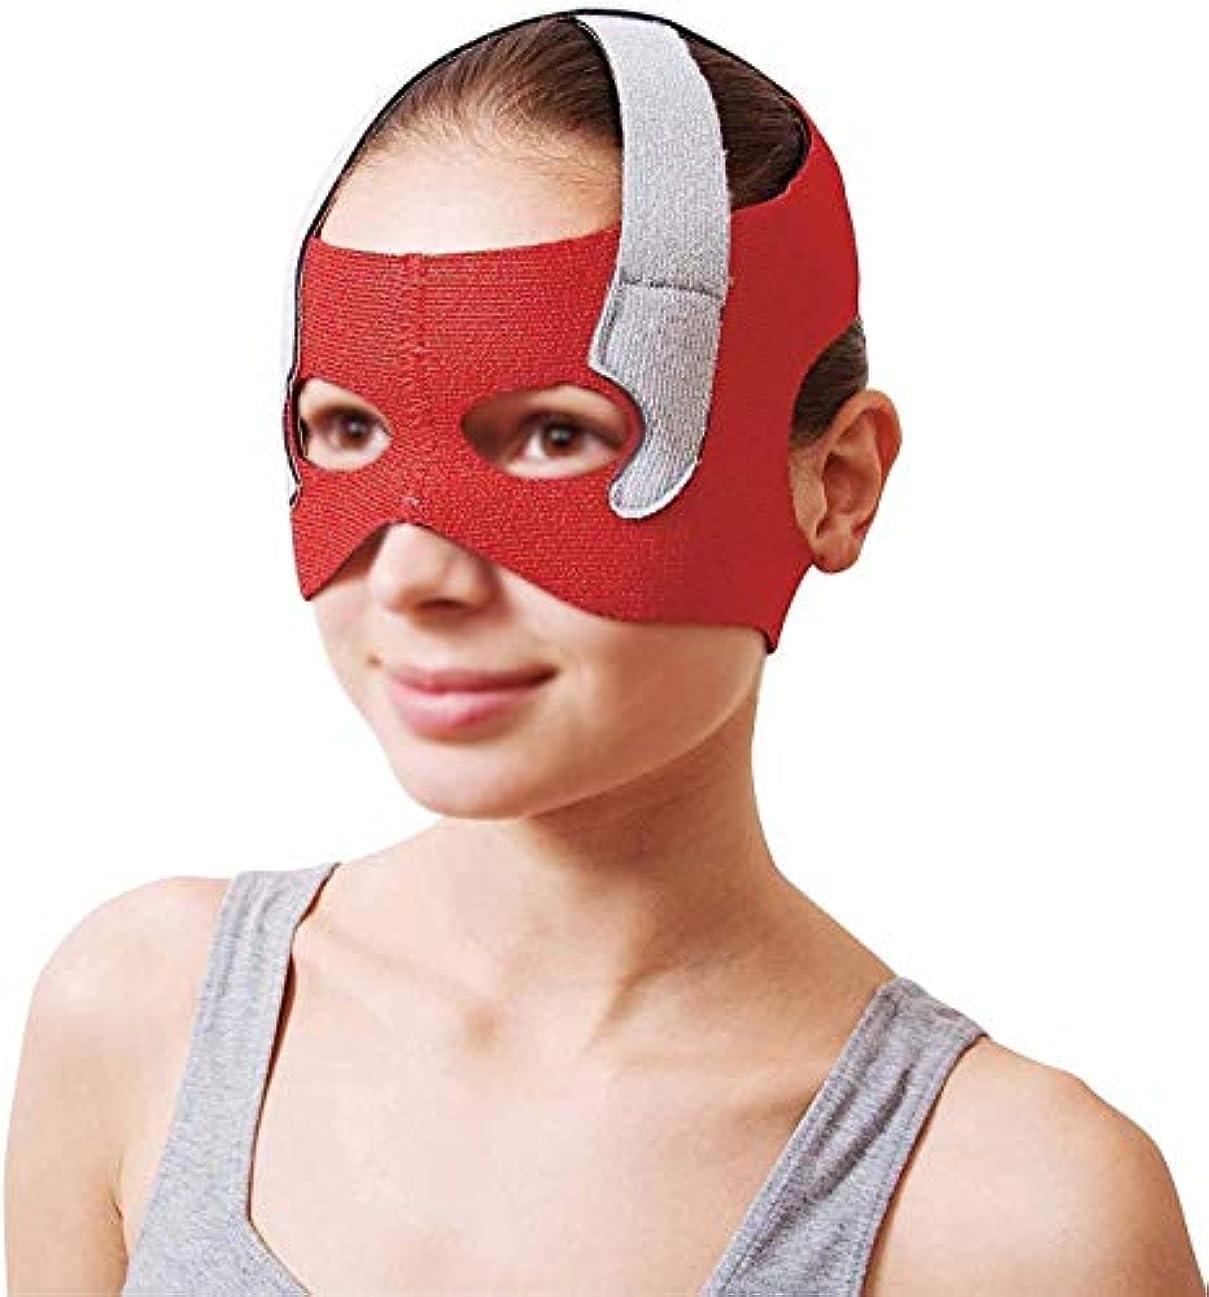 平行ラショナル警官美容と実用的なフェイスリフトマスク、回復ポスト包帯ヘッドギアフェイスマスク顔薄いフェイスマスクアーティファクト美容ベルト顔と首リフト顔周囲57-68 cm